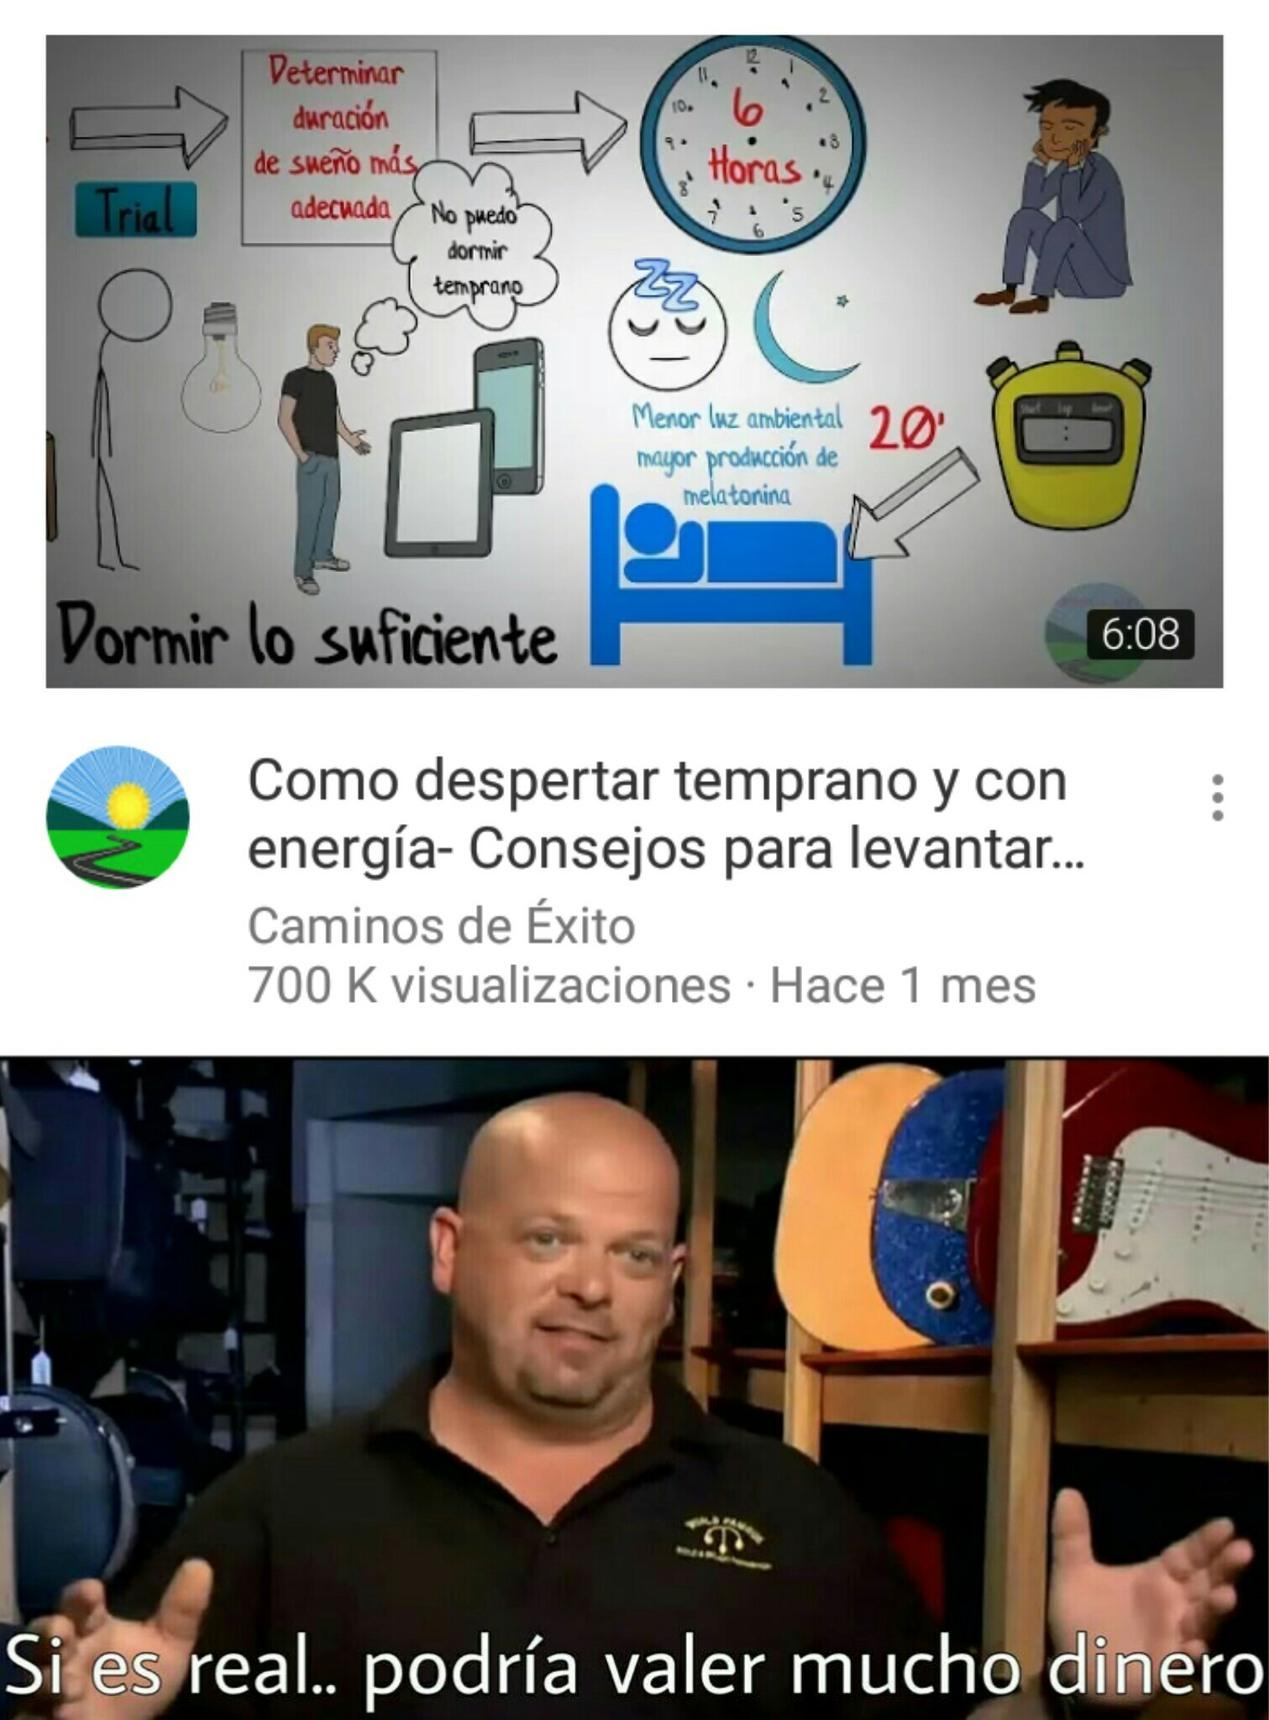 100% real - meme